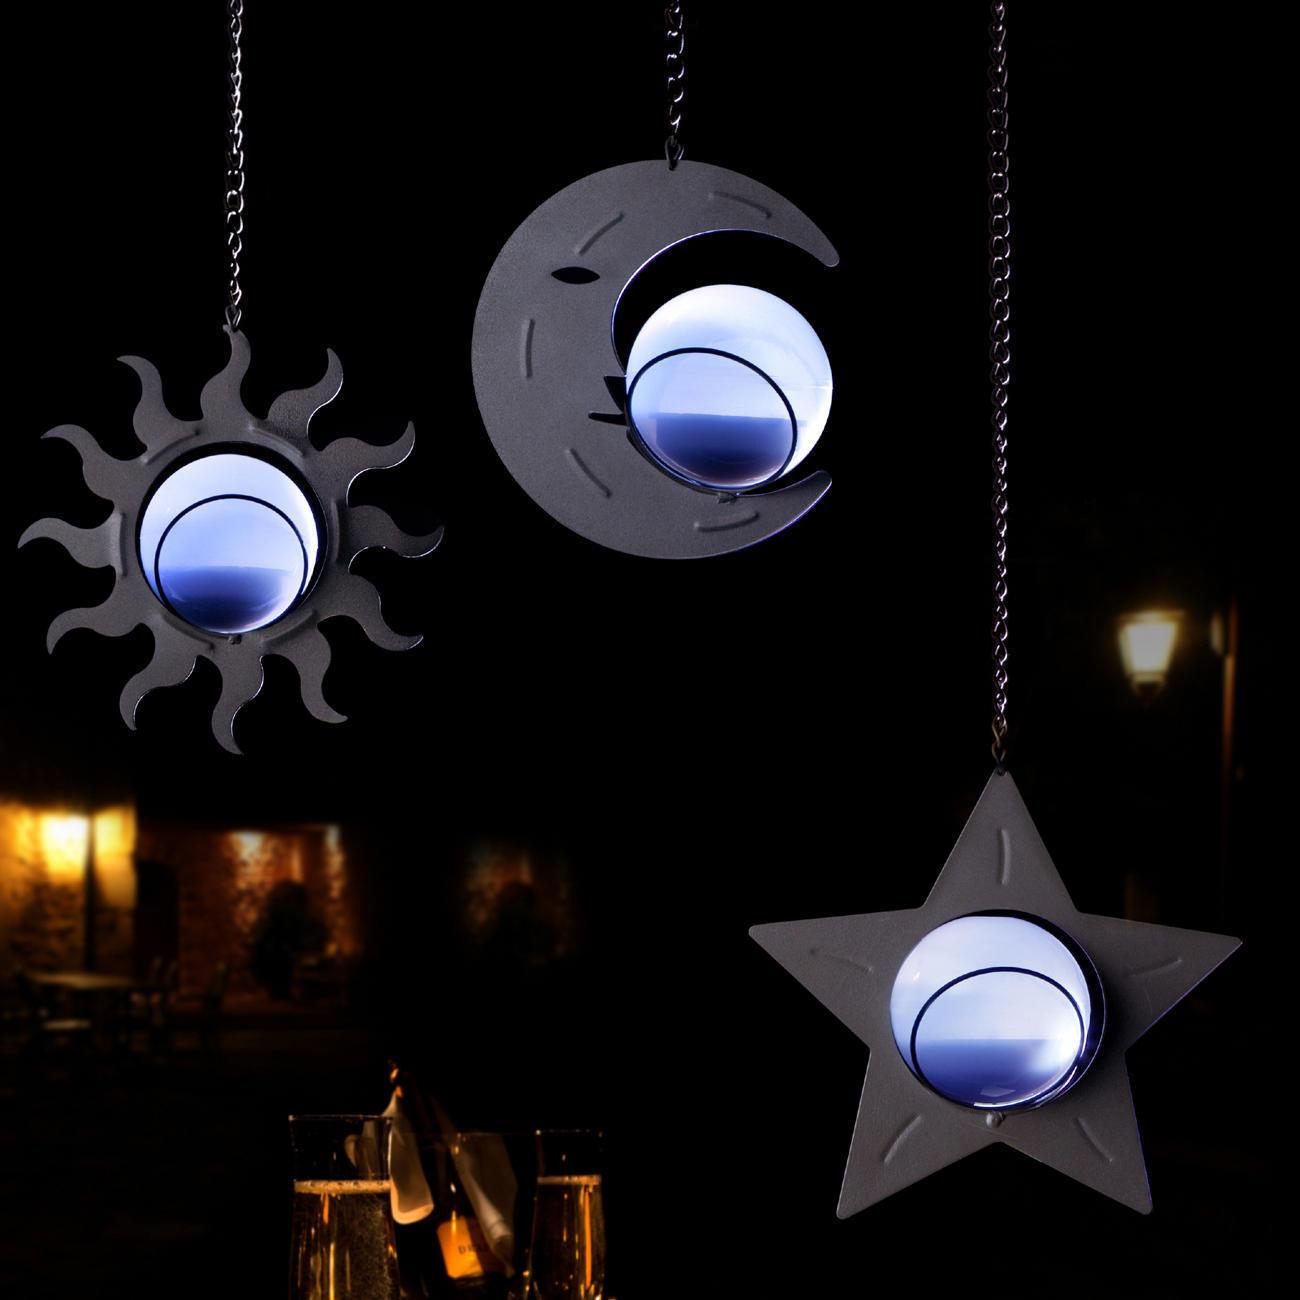 Ikea Deko Ideen Schlafzimmer ~ Hemelse lampen op zonne energie, set van 3  Geen stroomaansluiting